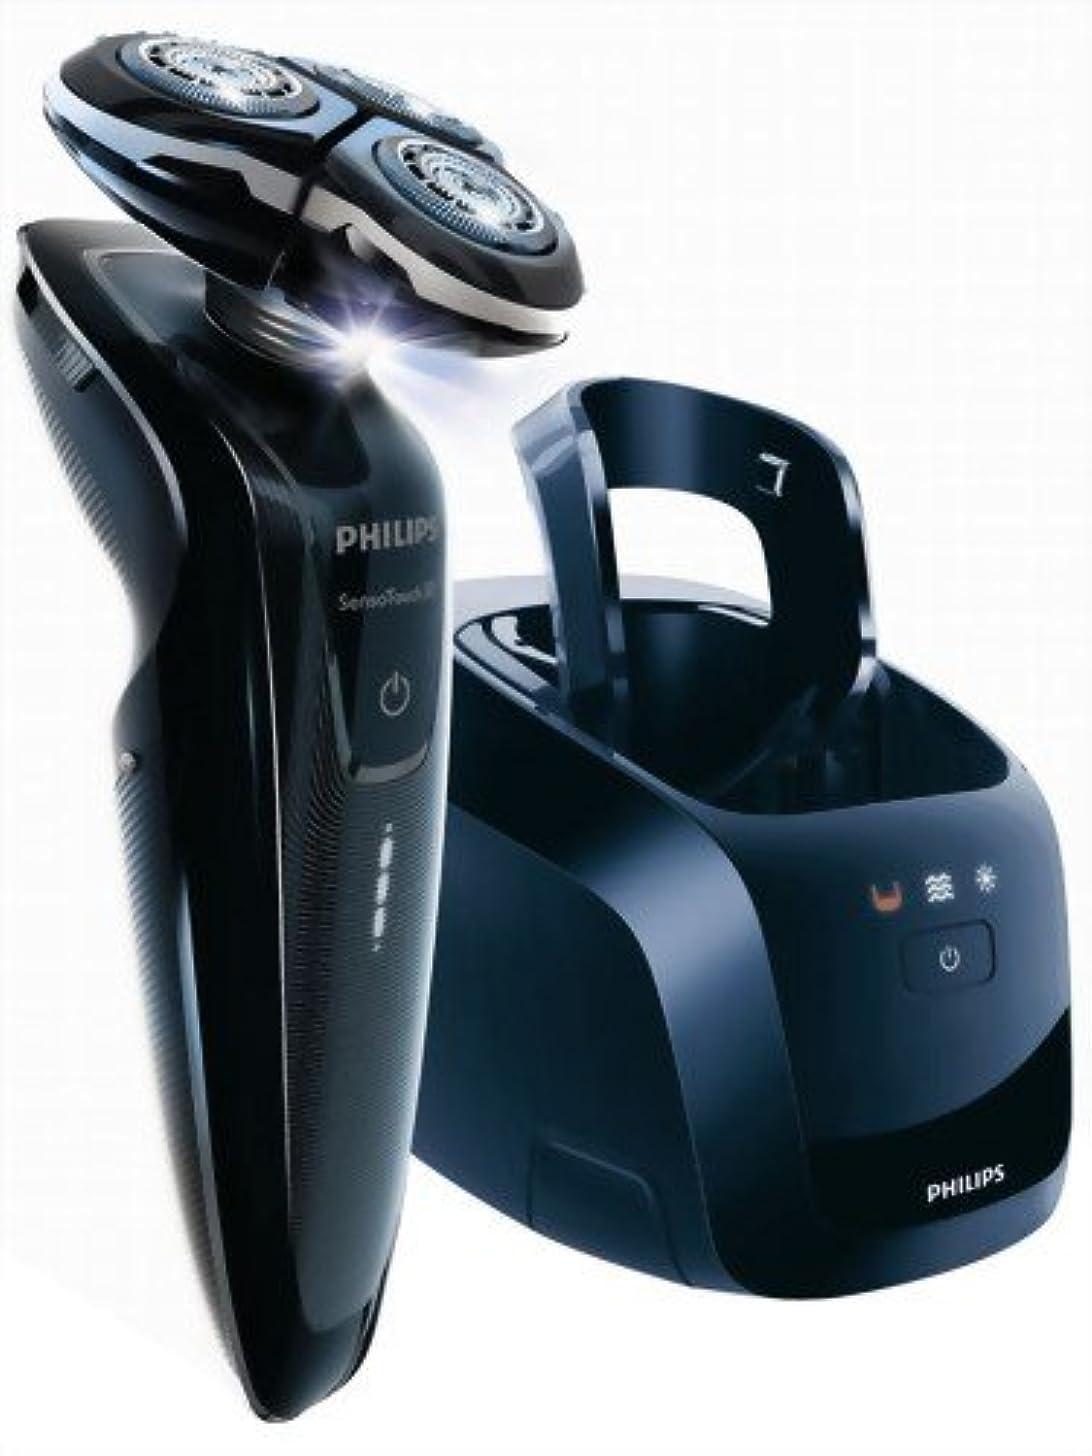 着実に葉巻スーパーマーケットPHILIPS 3Dシェーバー【洗浄充電器付】センソタッチ3D RQ1250CC